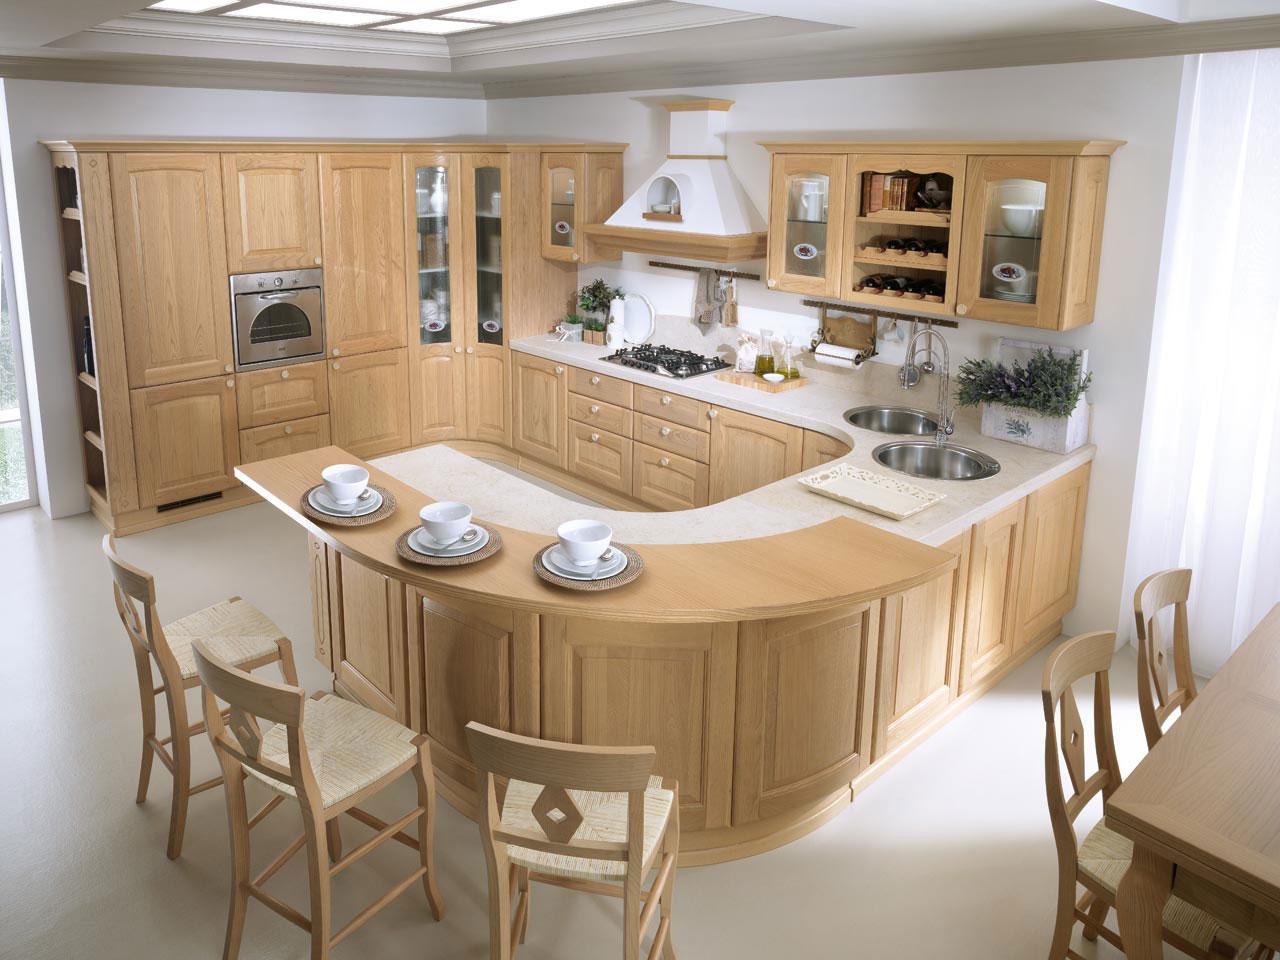 Cucine classiche lube modello veronica perego arredamenti - Cucine lube classiche prezzi ...